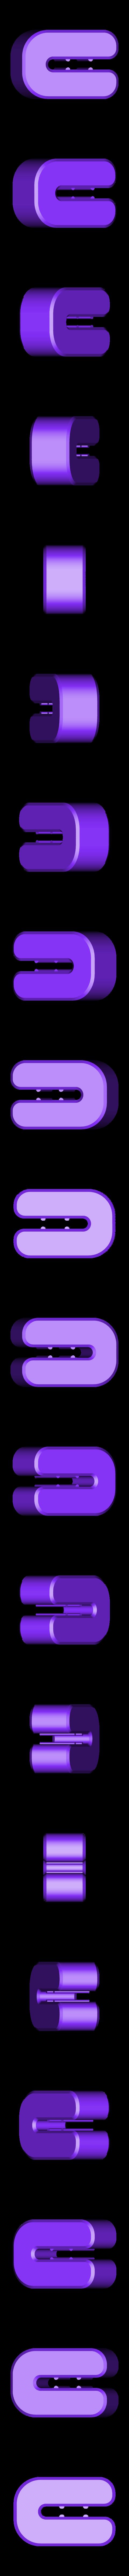 ulti-toe.stl Télécharger fichier STL gratuit Ulti-pieds • Modèle pour impression 3D, DelhiCucumber